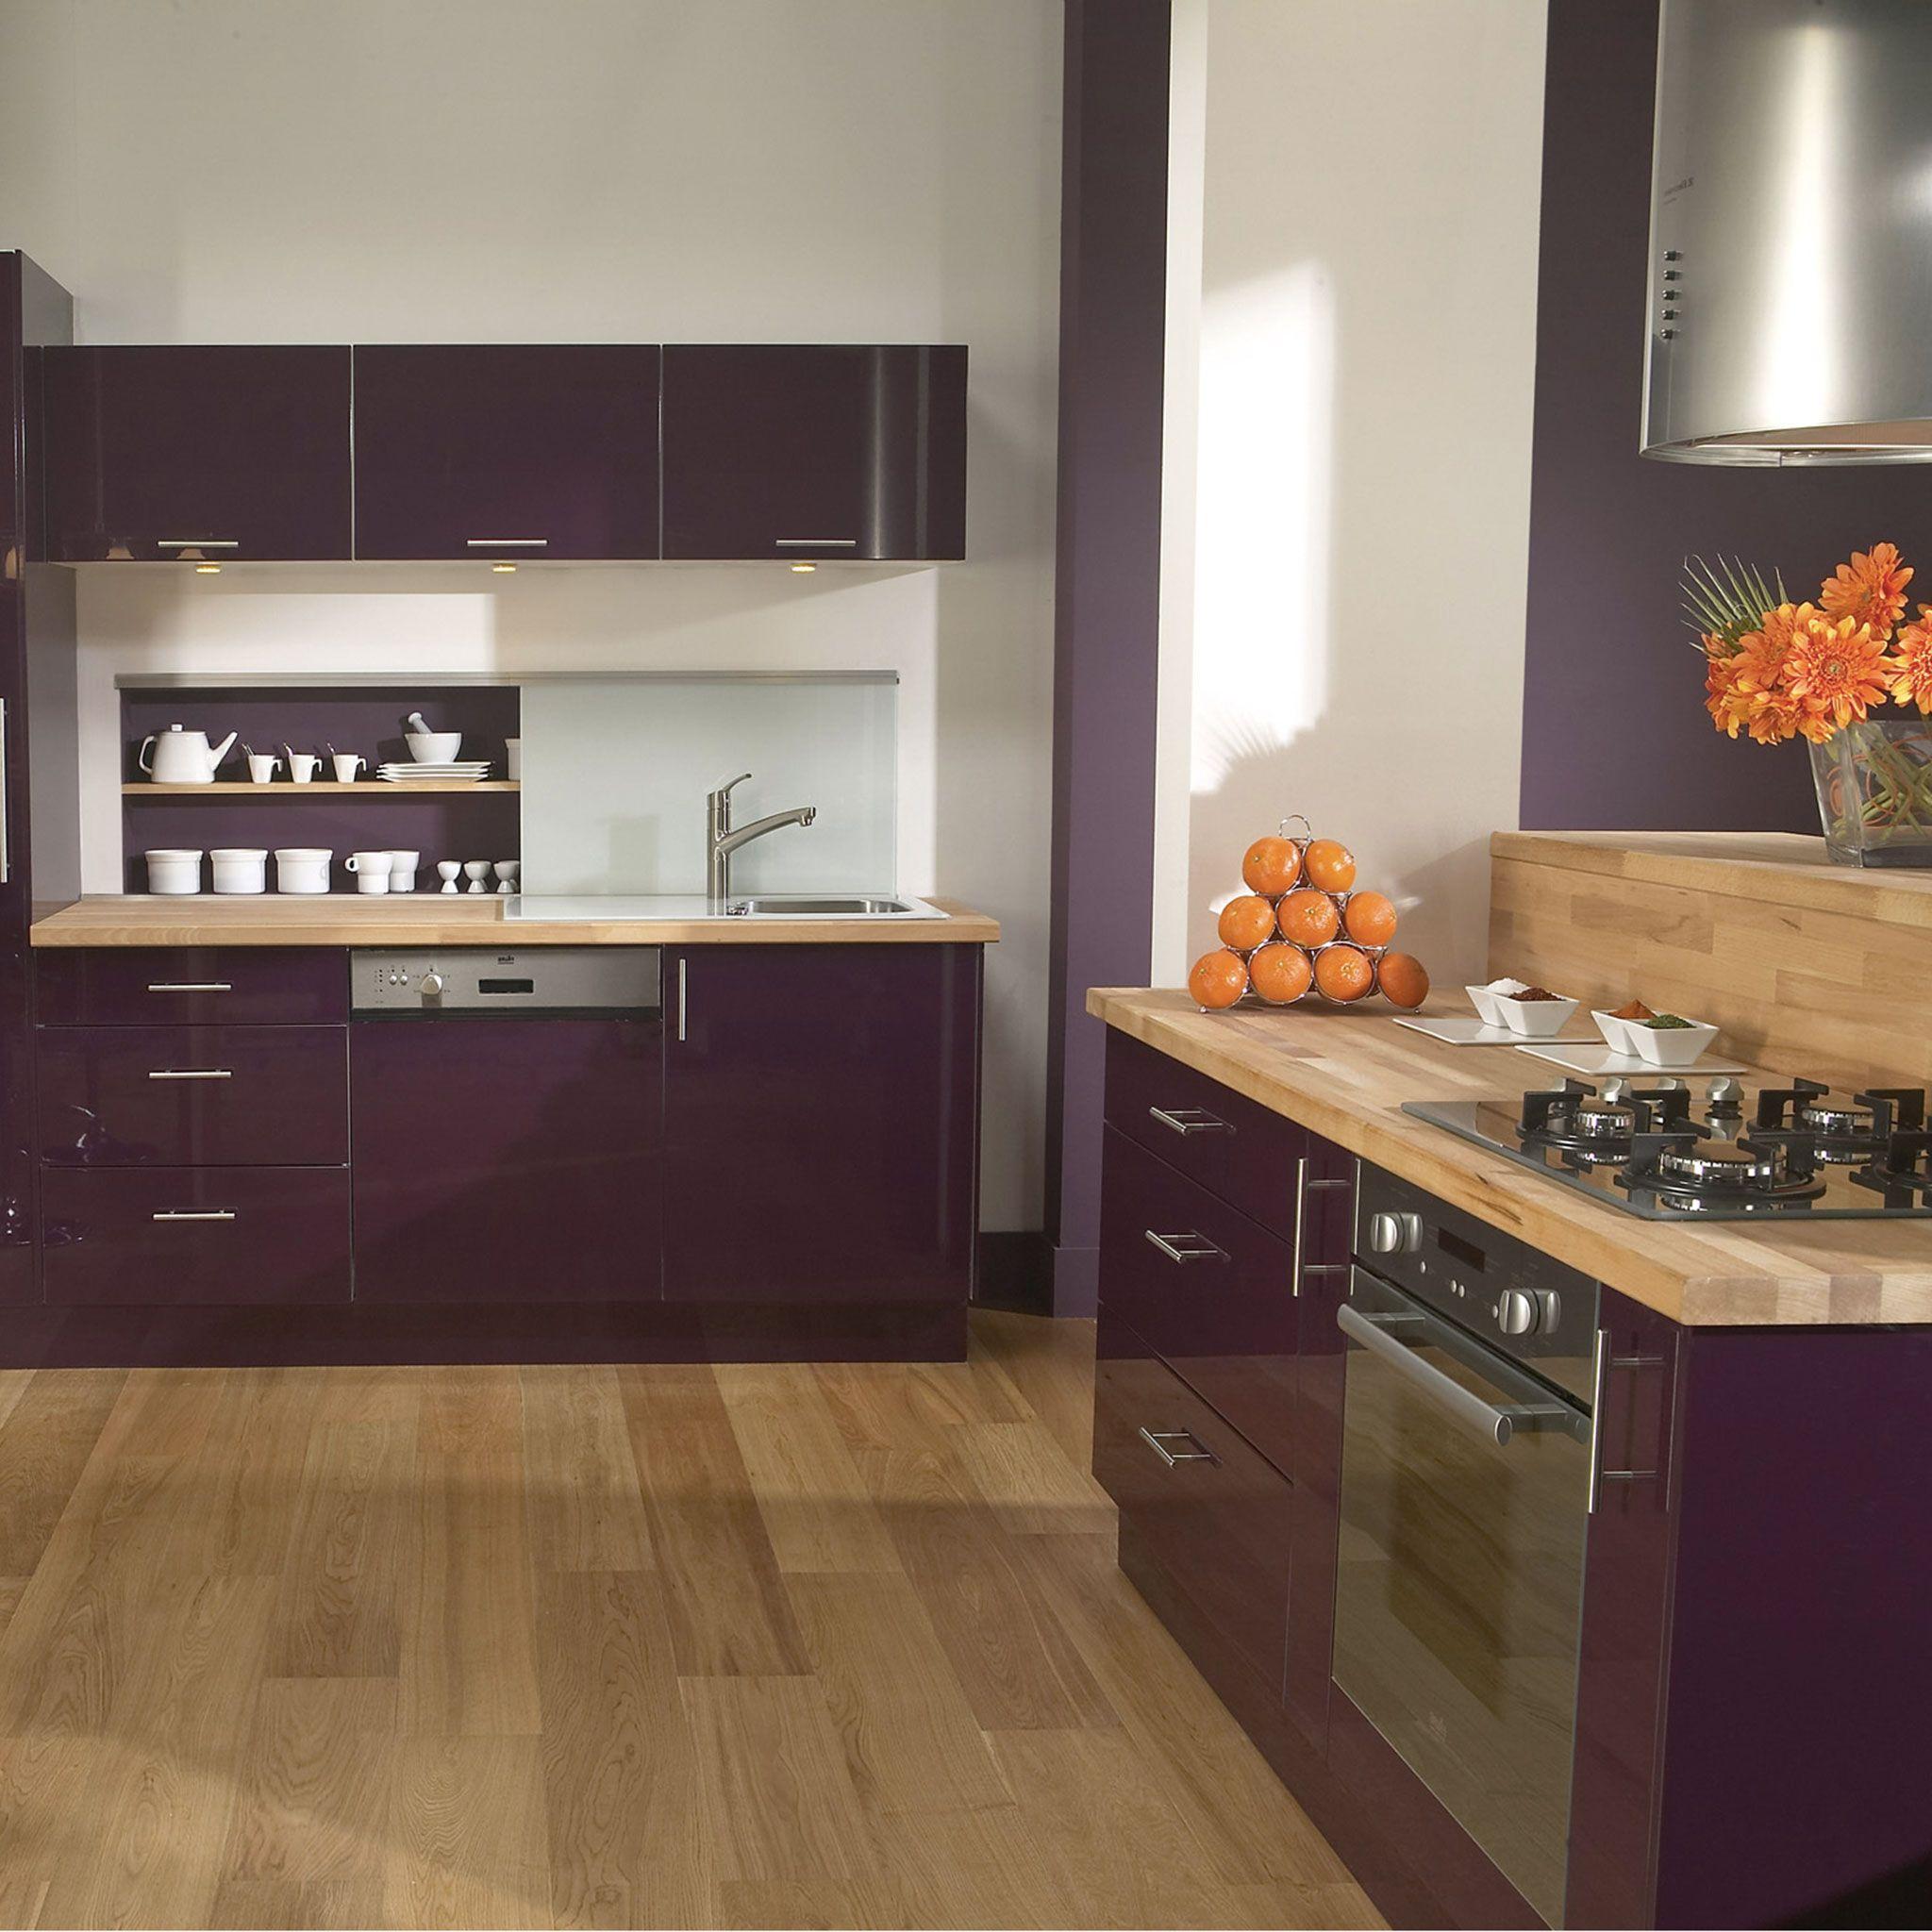 Populaire Meuble de cuisine delinia composition type aubergine violet  EF24